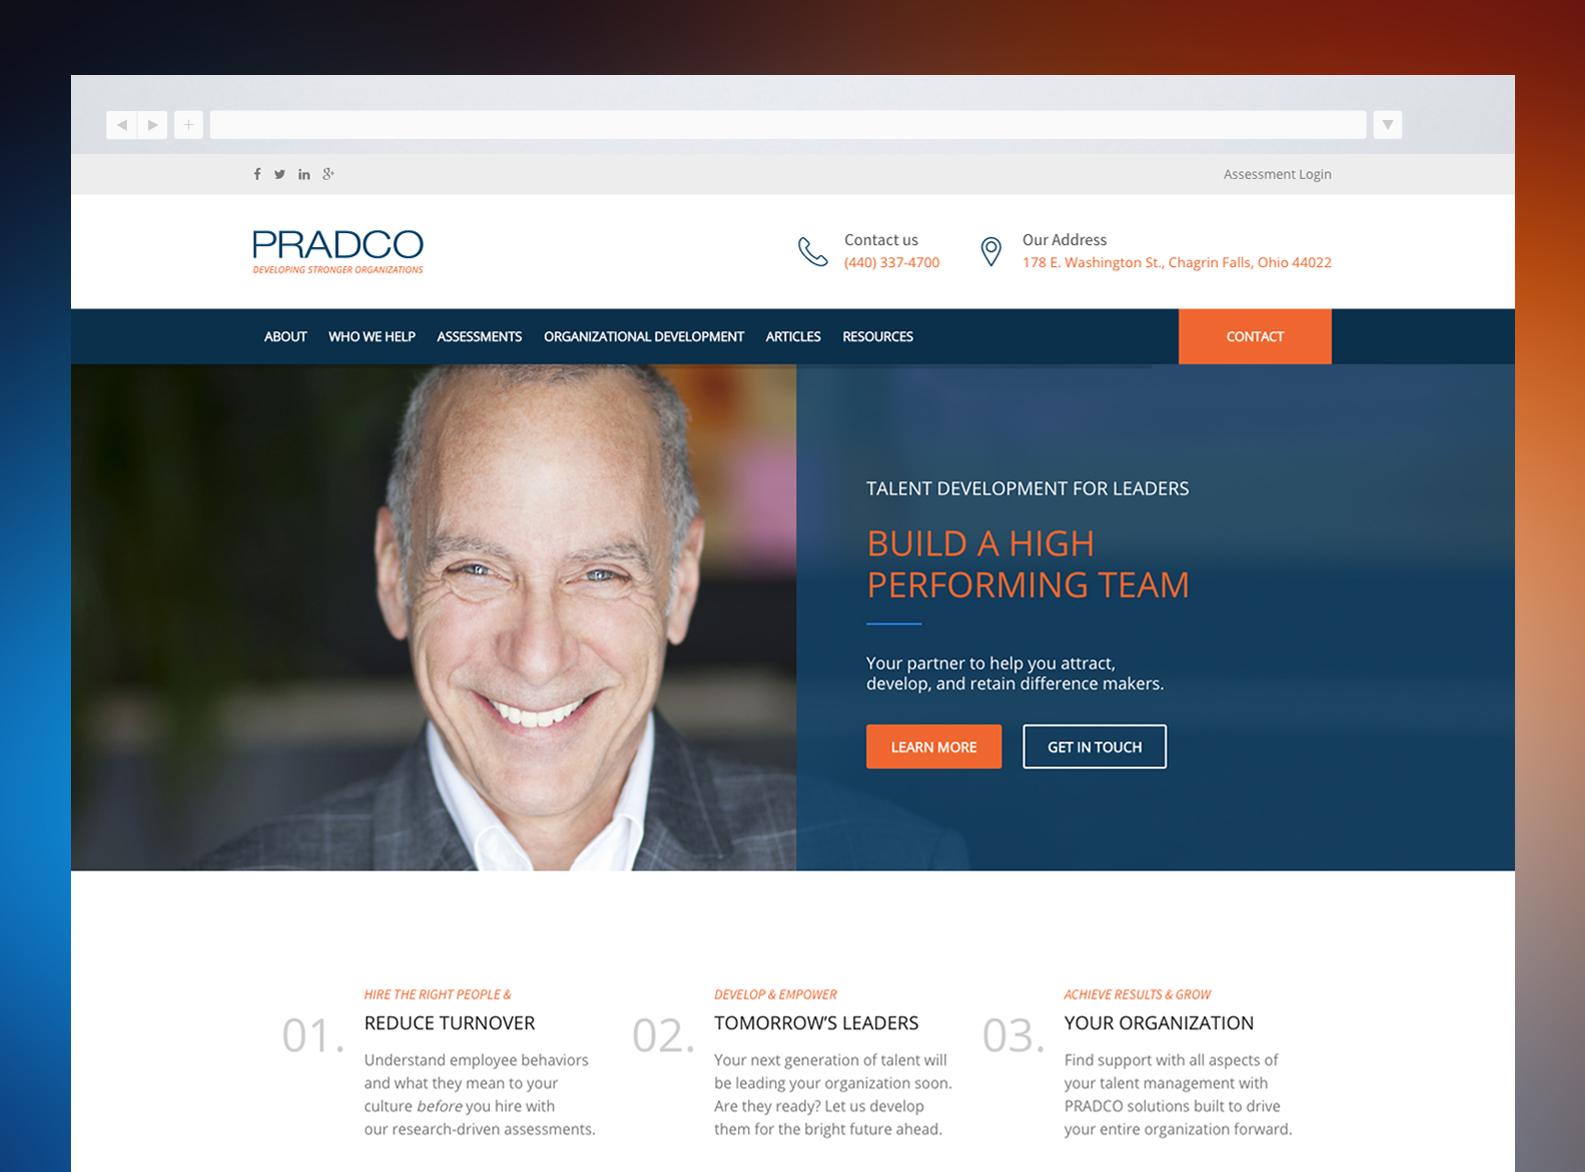 PRADCO Website